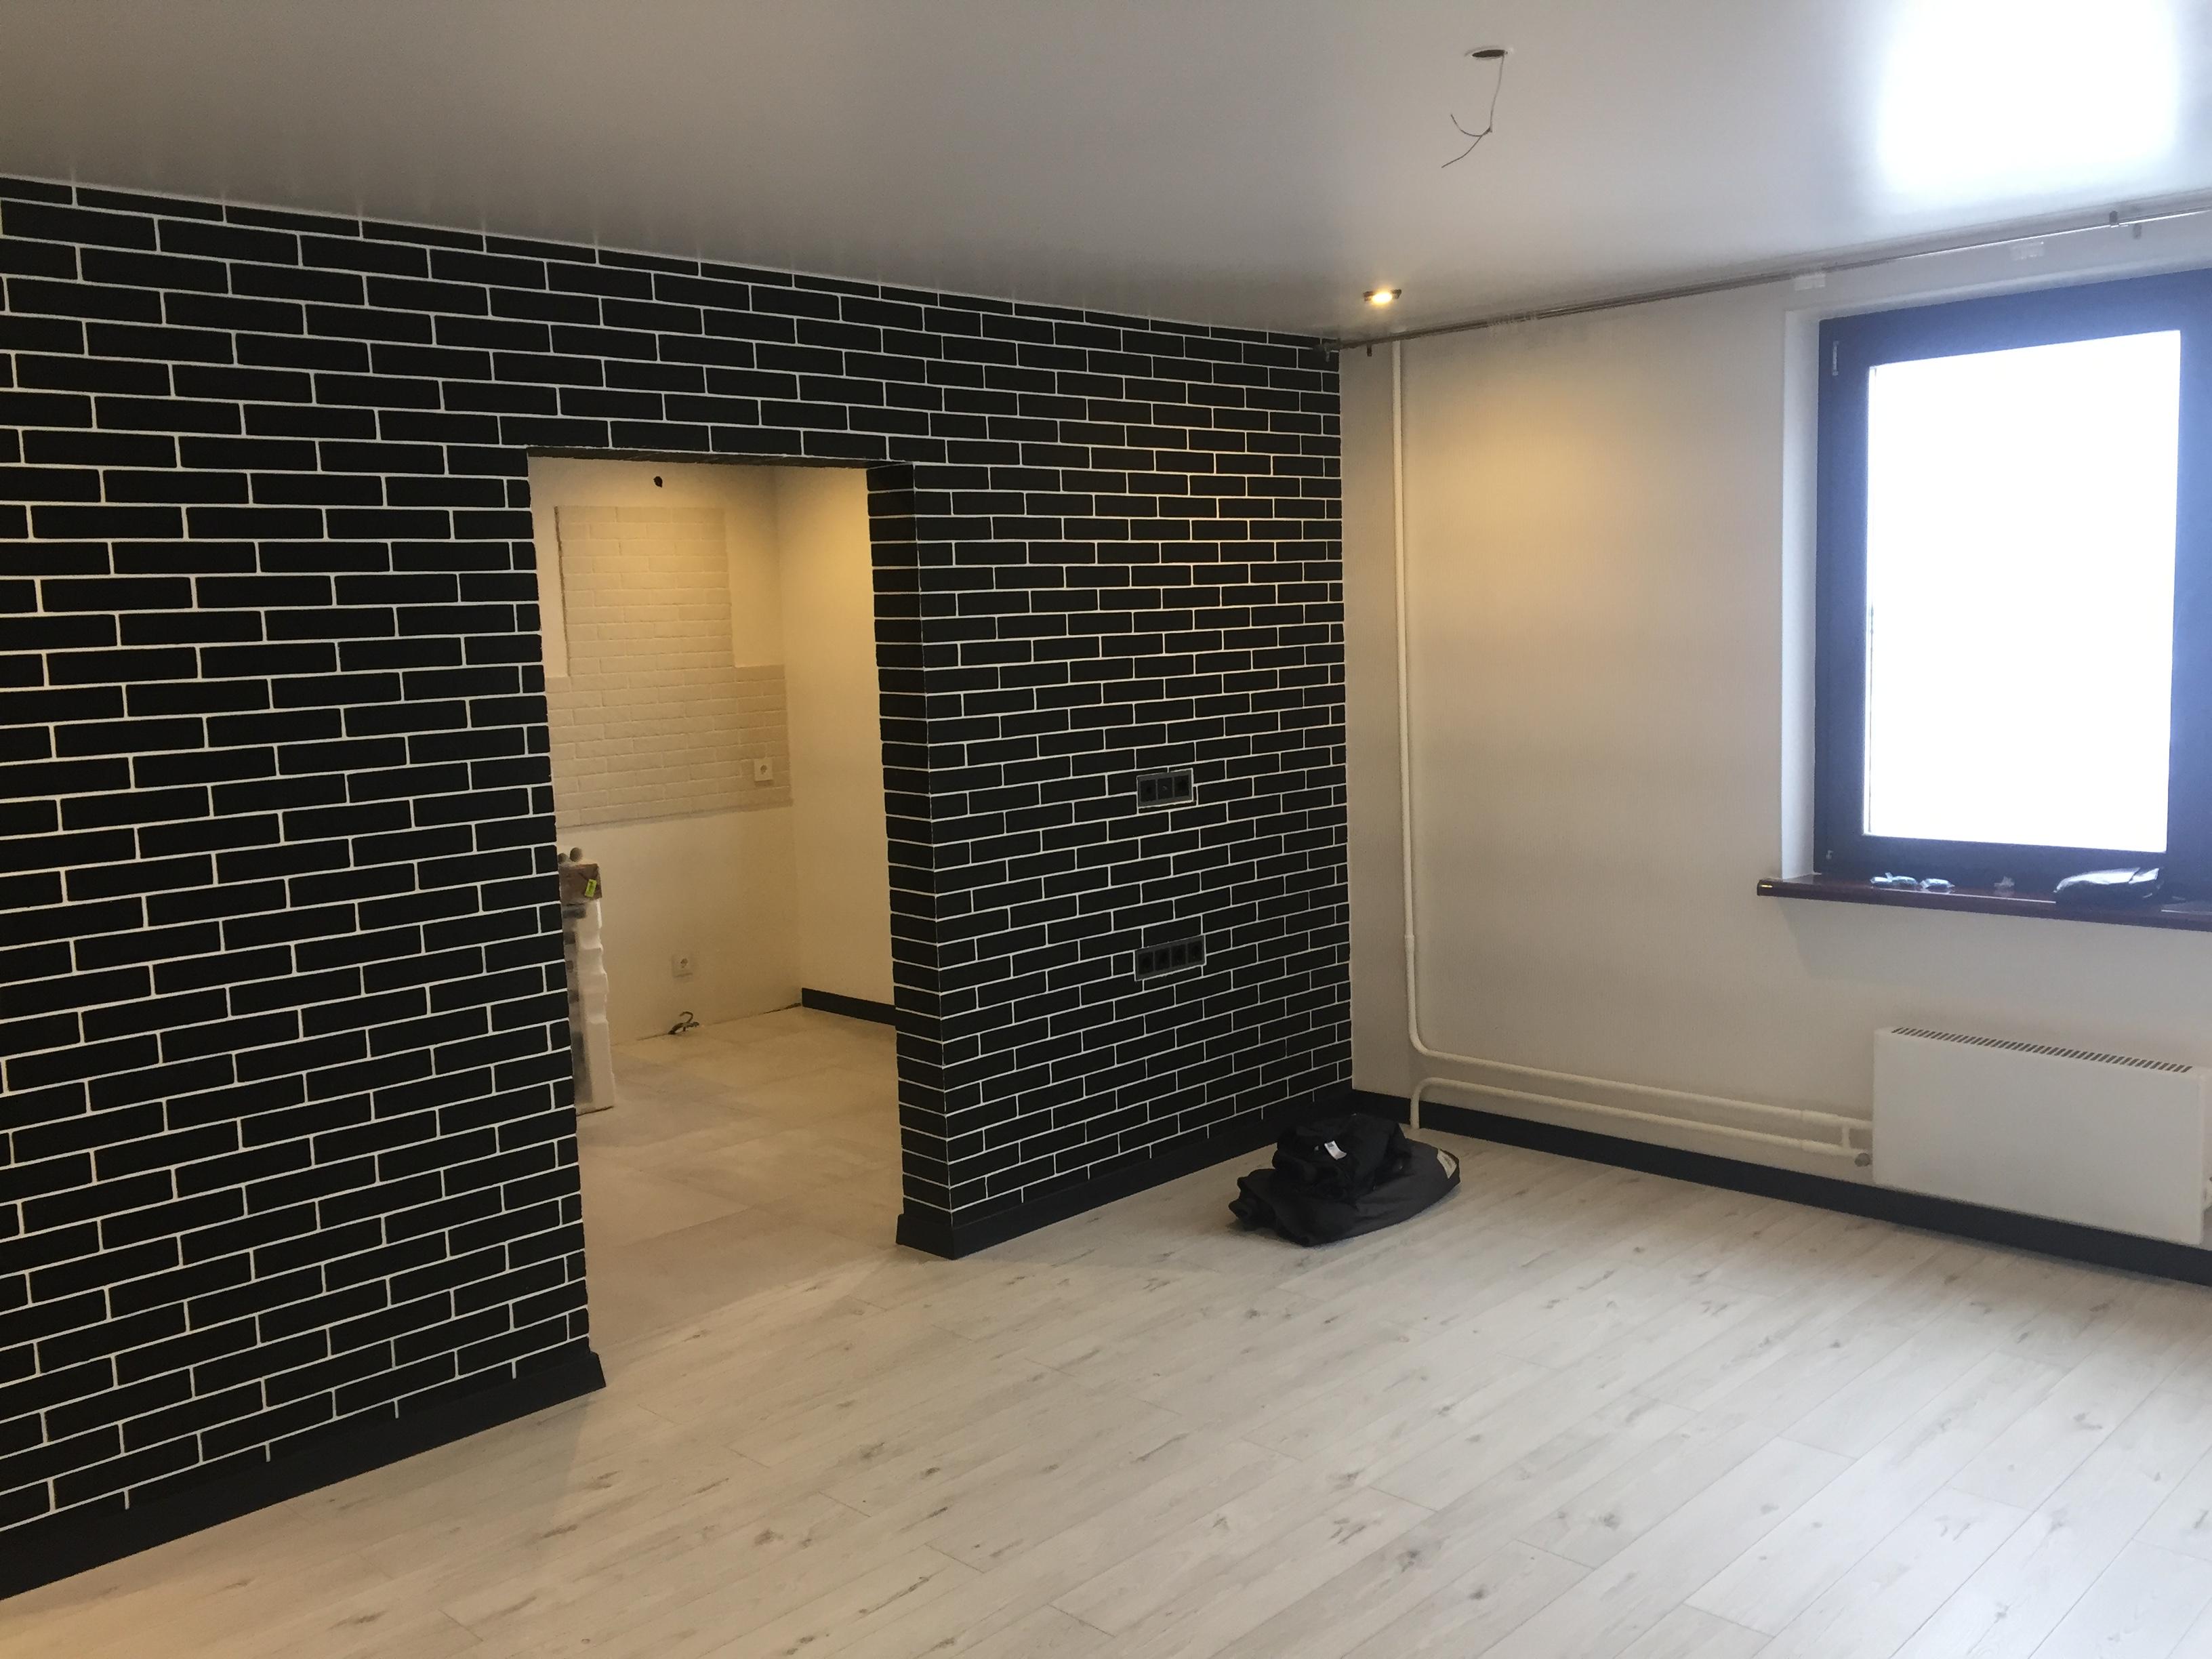 Фото ремонт квартир от РК-Строй в Железнодорожном